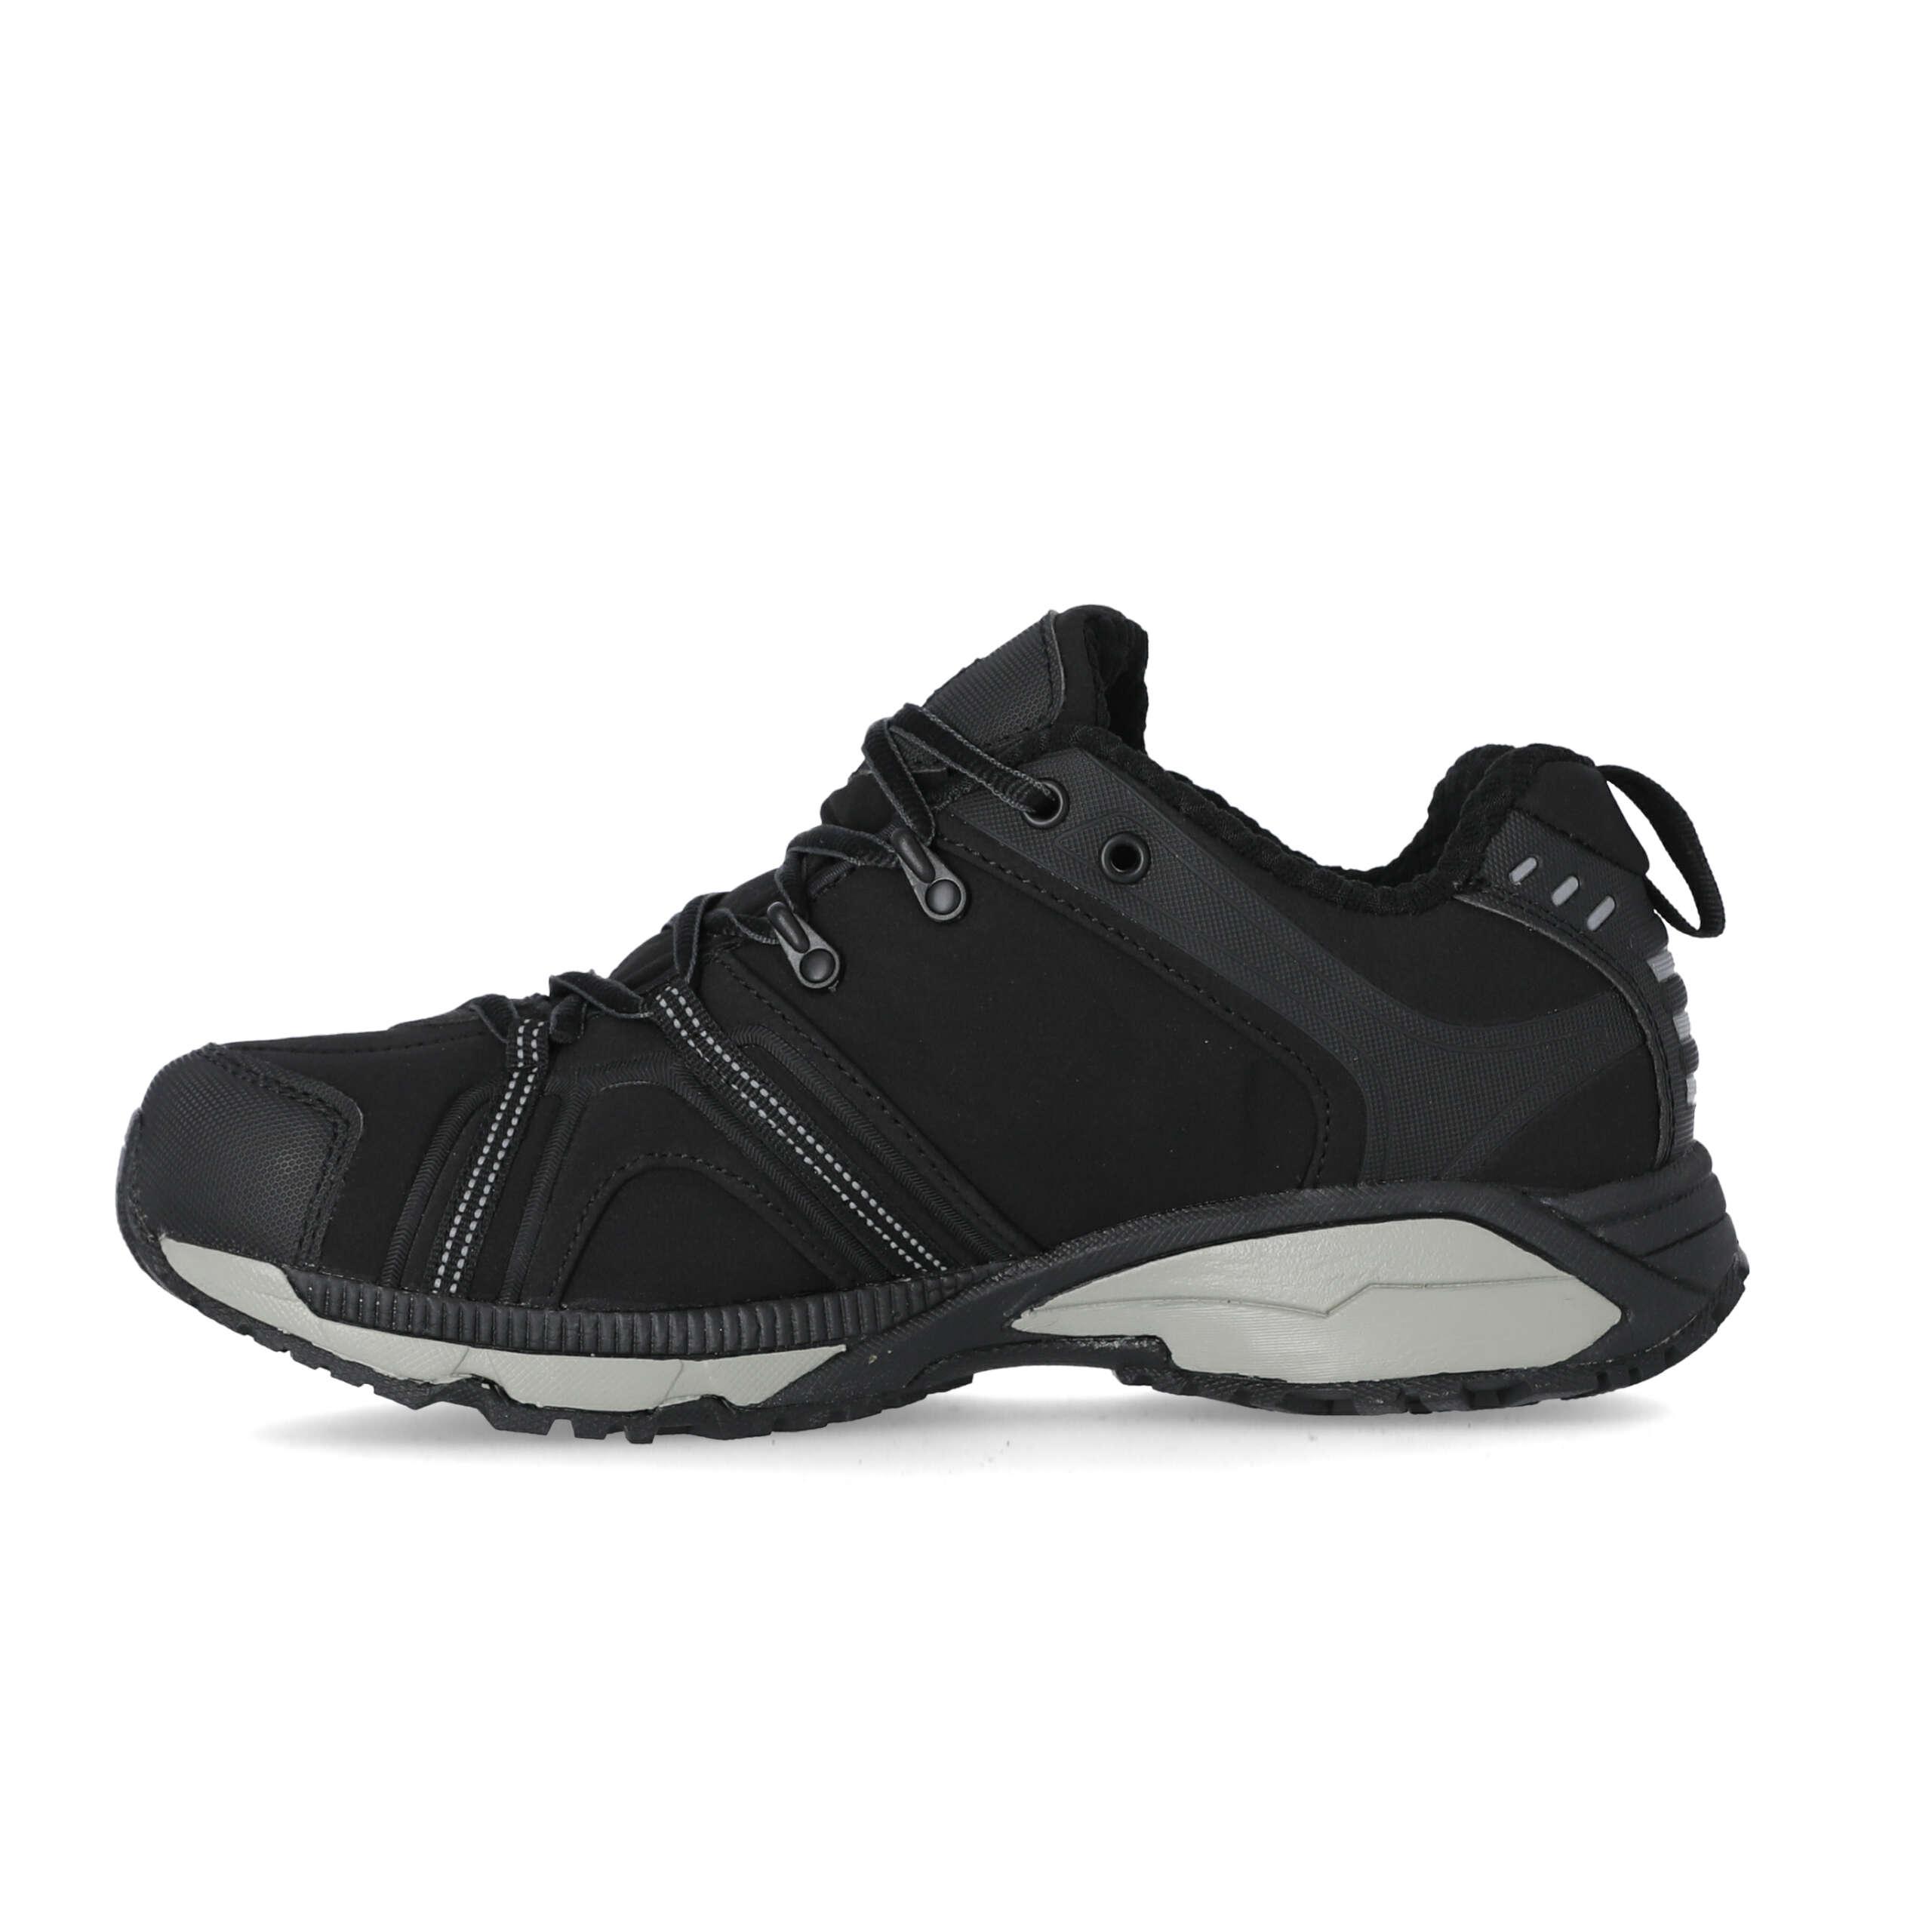 TRESPASS Clavier DLX Homme Noir Noir Noir Imperméable De Sport Course Chaussures De Sport d7071d